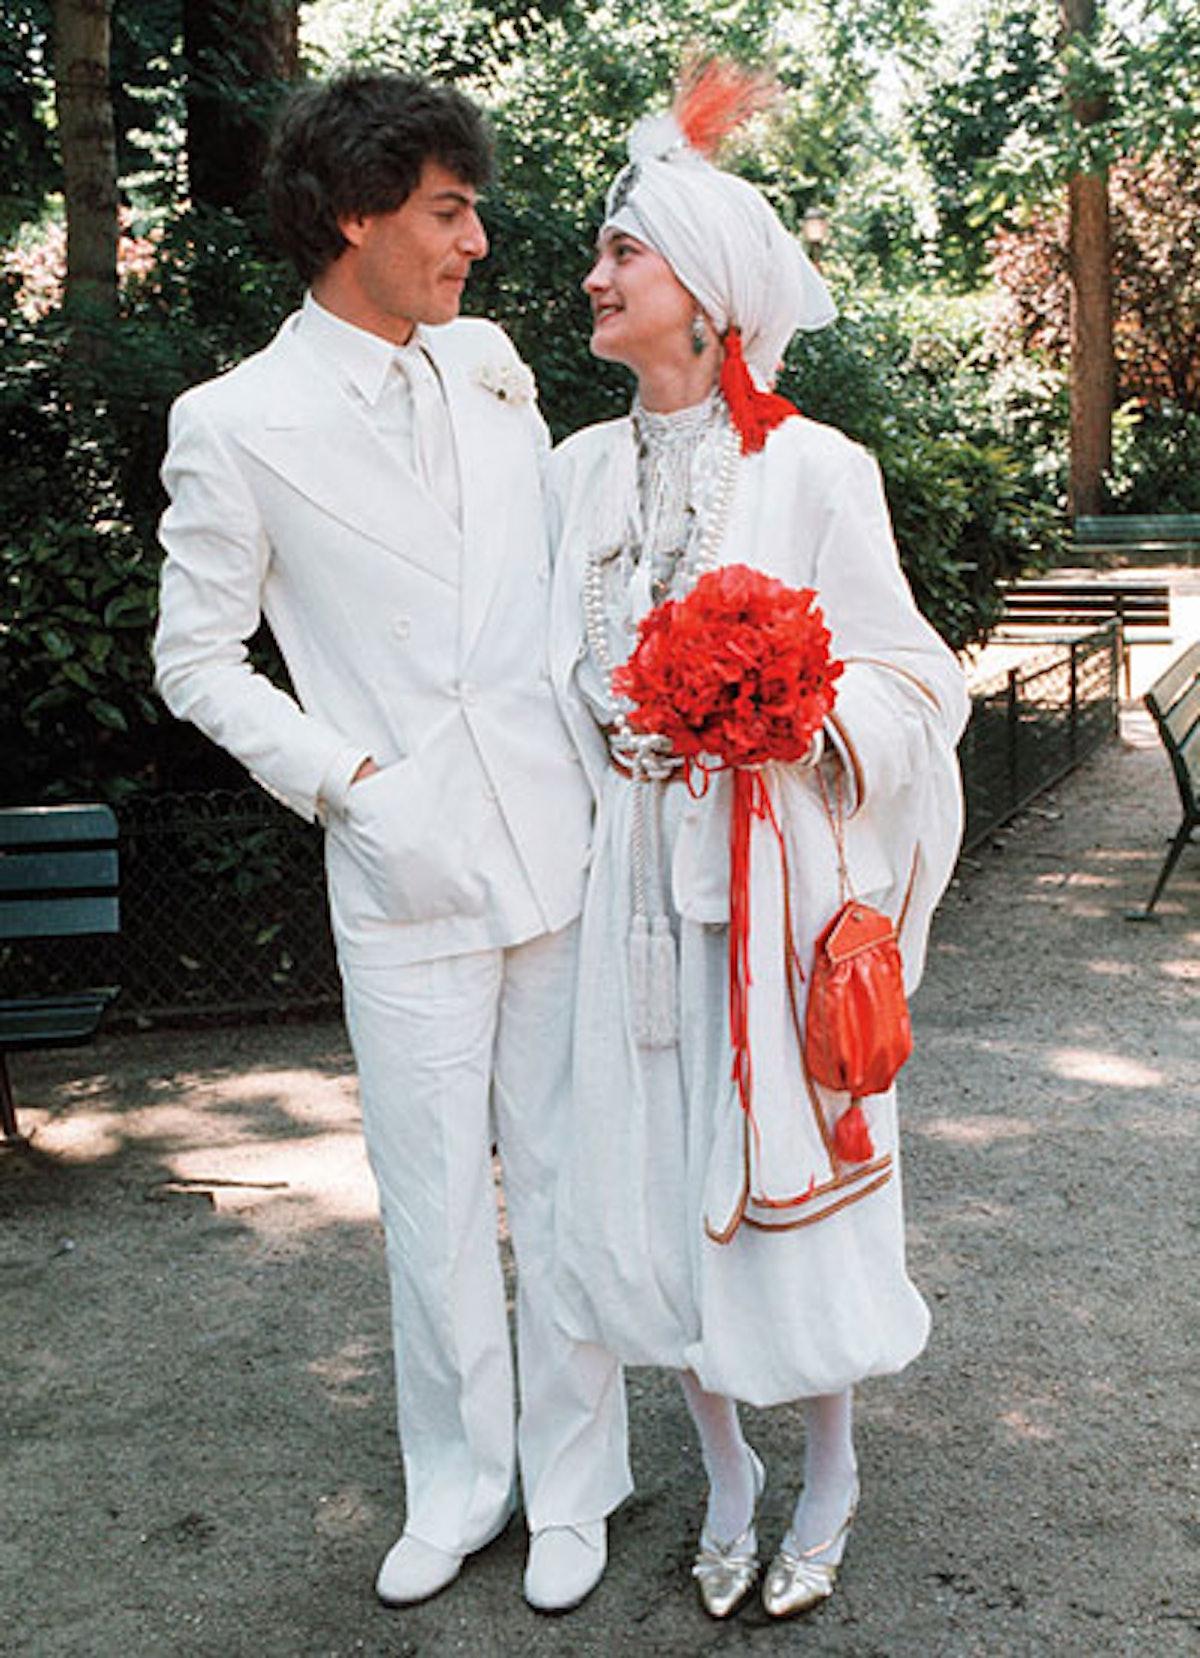 pass-w-archives-weddings-04-v.jpg